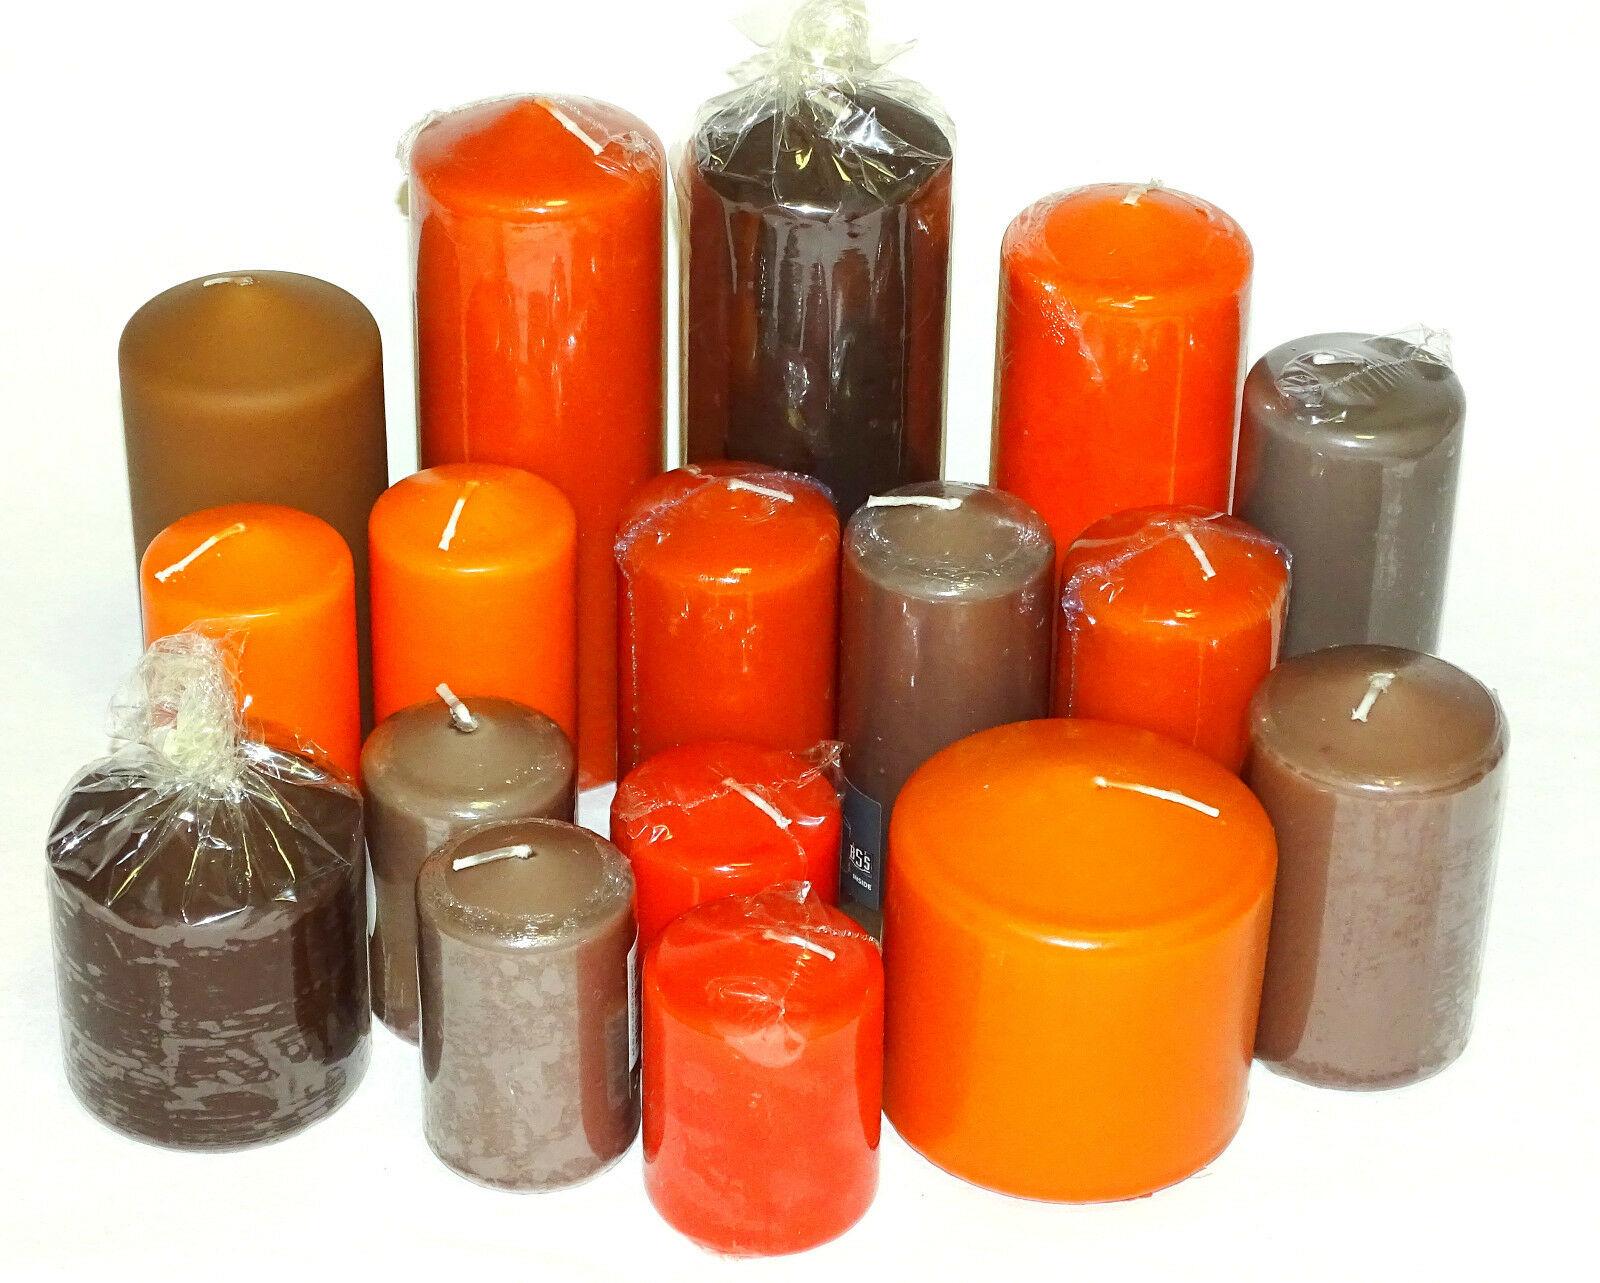 5 kg Qualität Stumpenkerzen Paket Kerzen Set Tischdeko gemischt nach Farben - Orange-Braun-Taupe